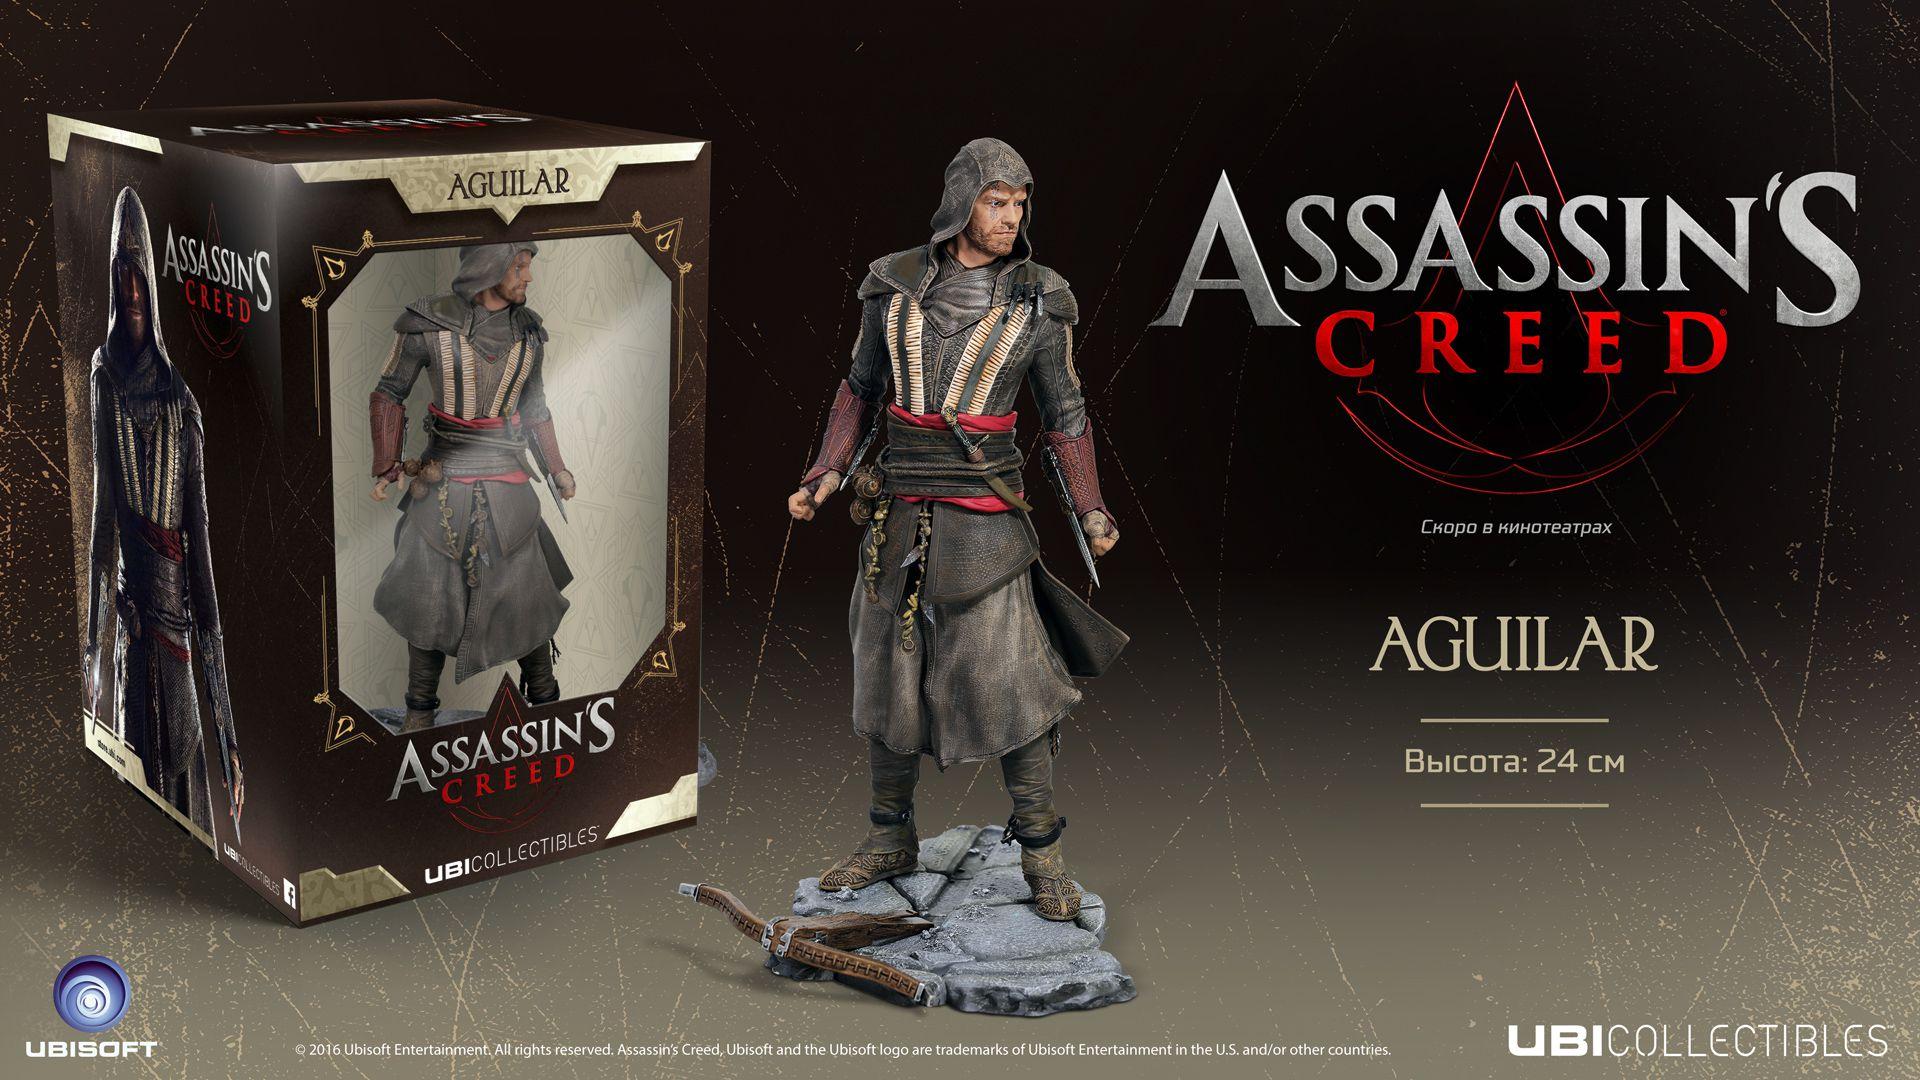 Фигурка Assassins Creed  (Кредо убийцы) Aguilar (24 см)Представляем вашему вниманию фигурку Assassins Creed. Aguilar, фигурку Агилара, персонажа фильма «Кредо убийцы».<br>